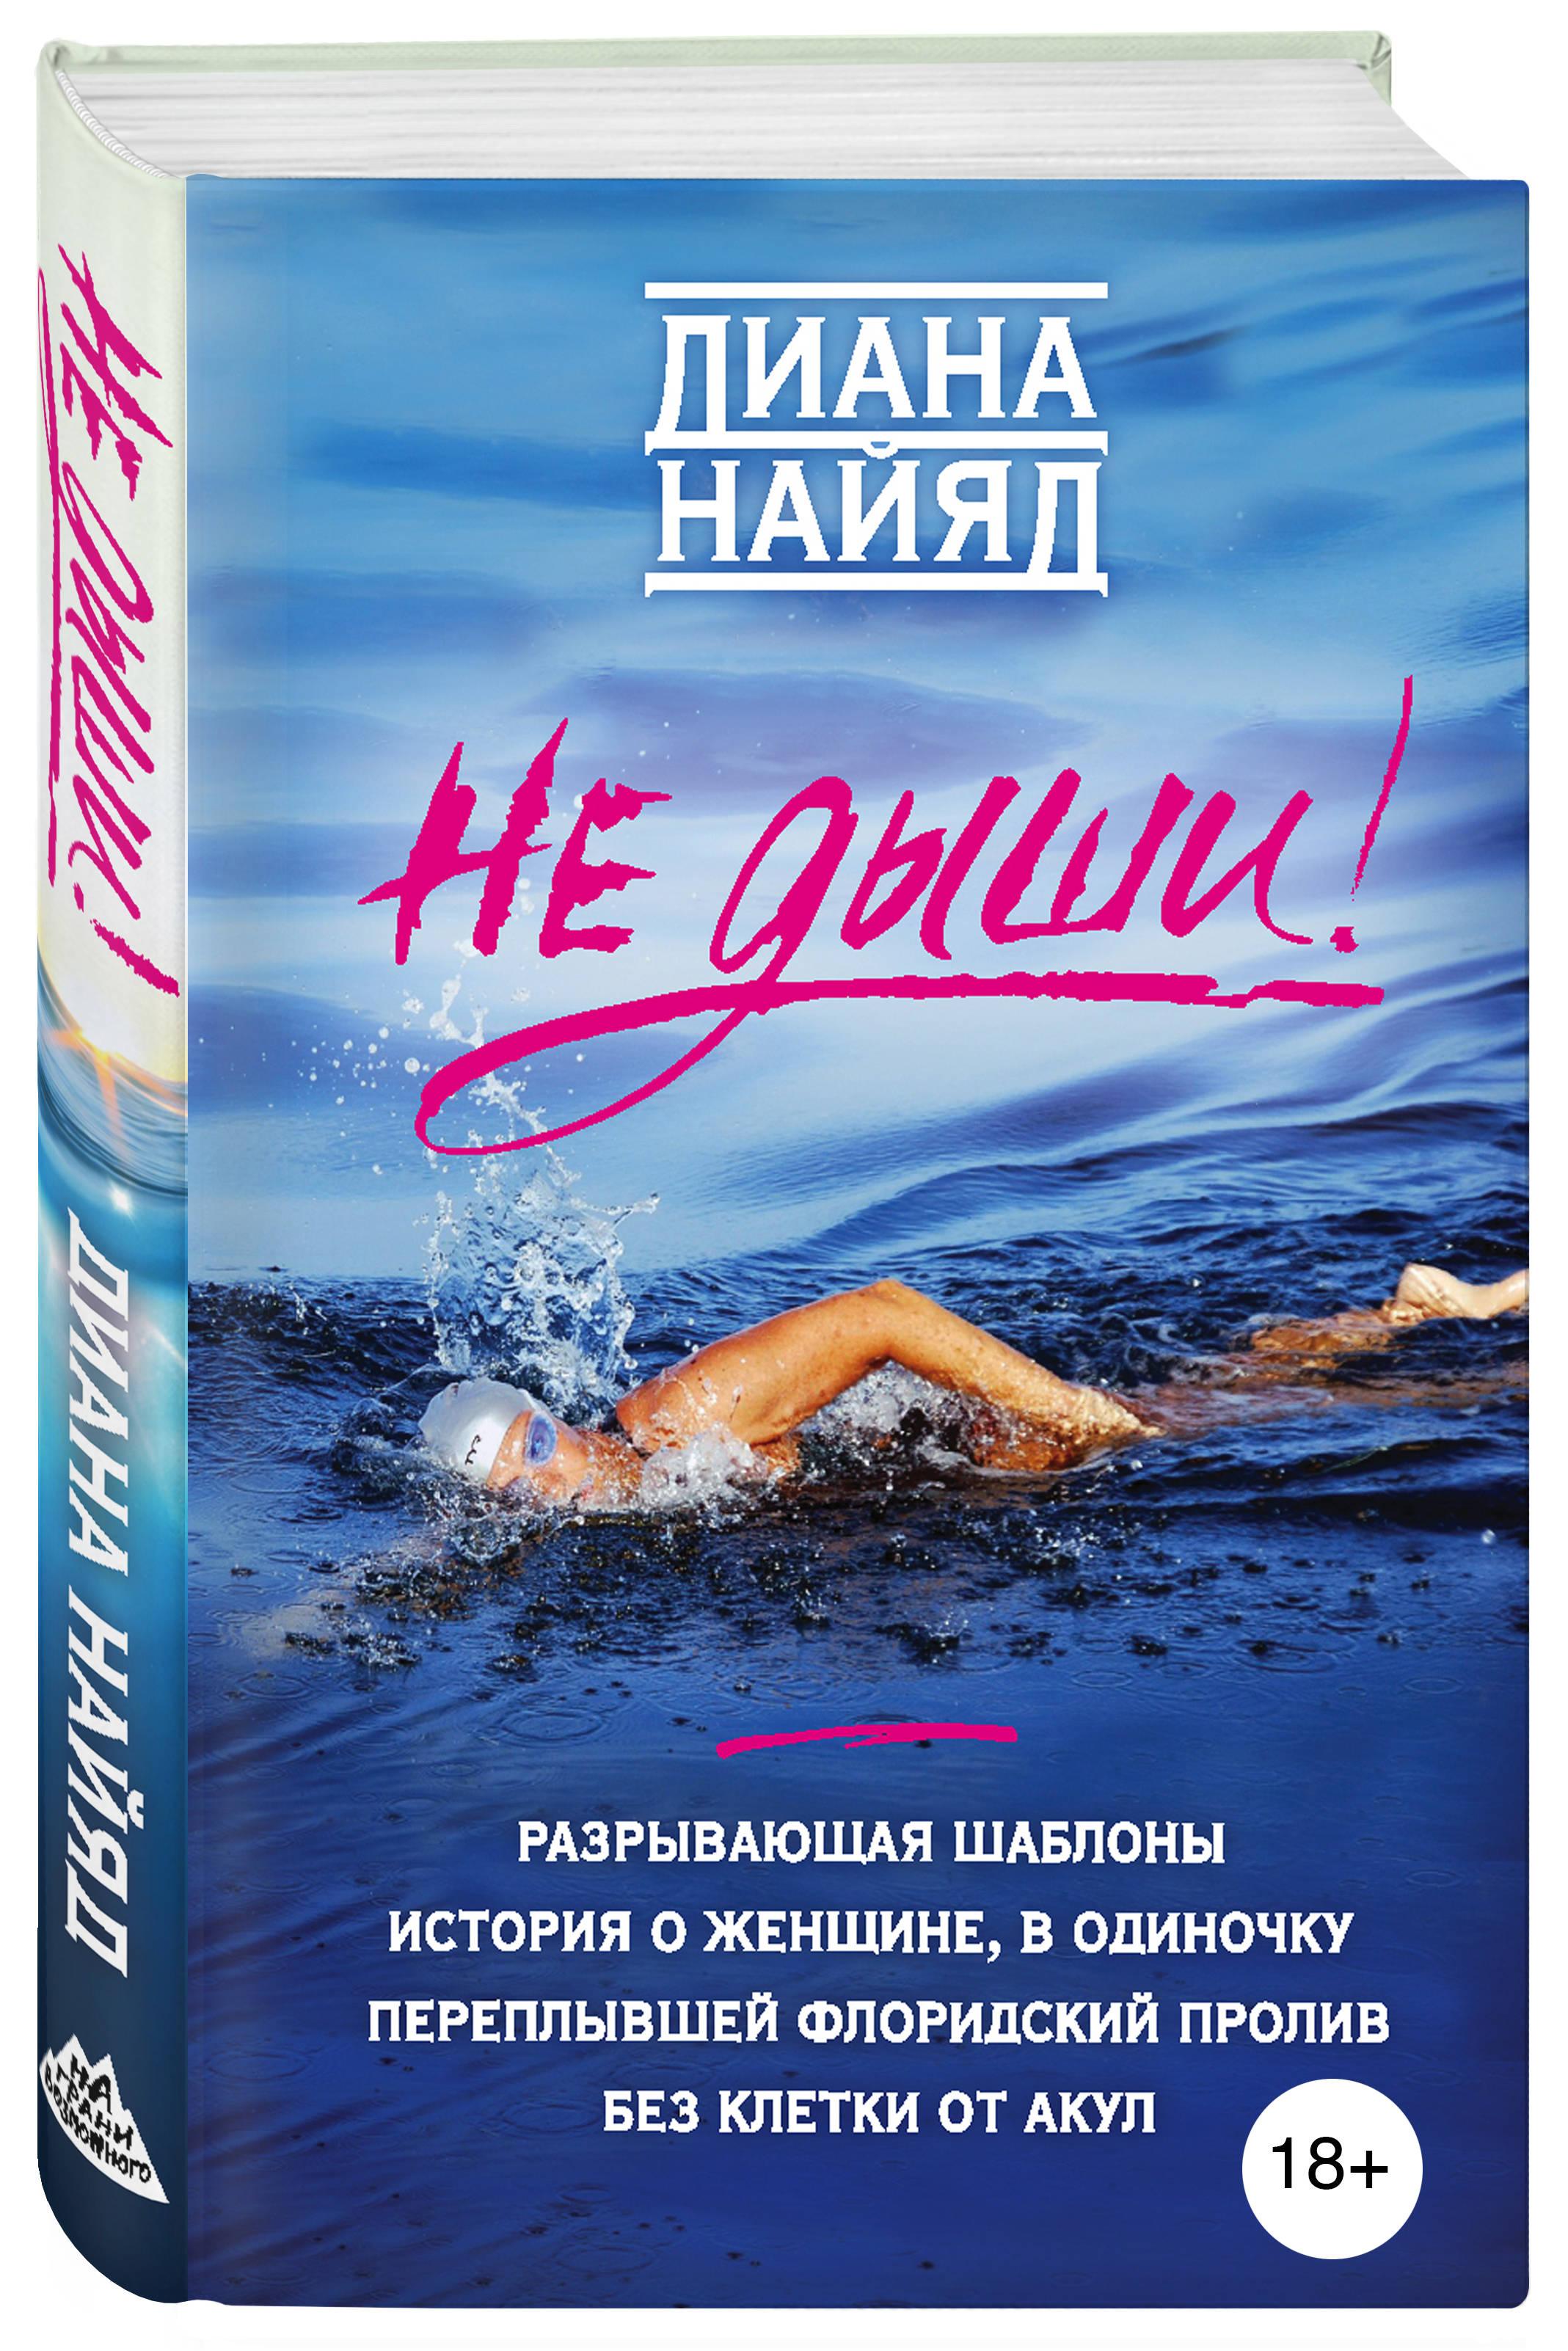 Диана Найяд. Не дыши! от book24.ru